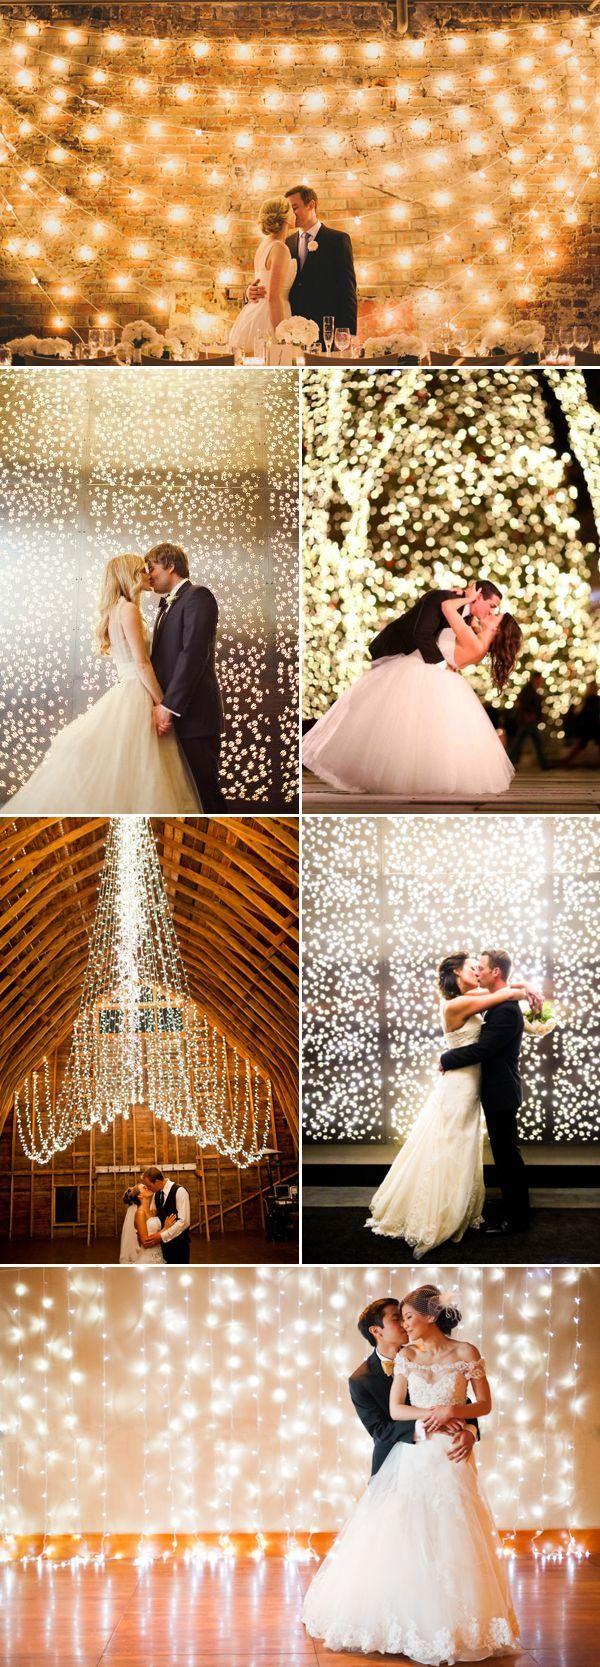 ¡No dudes en hacer brillar tu ceremonia! #Wedding #WeddingDeco